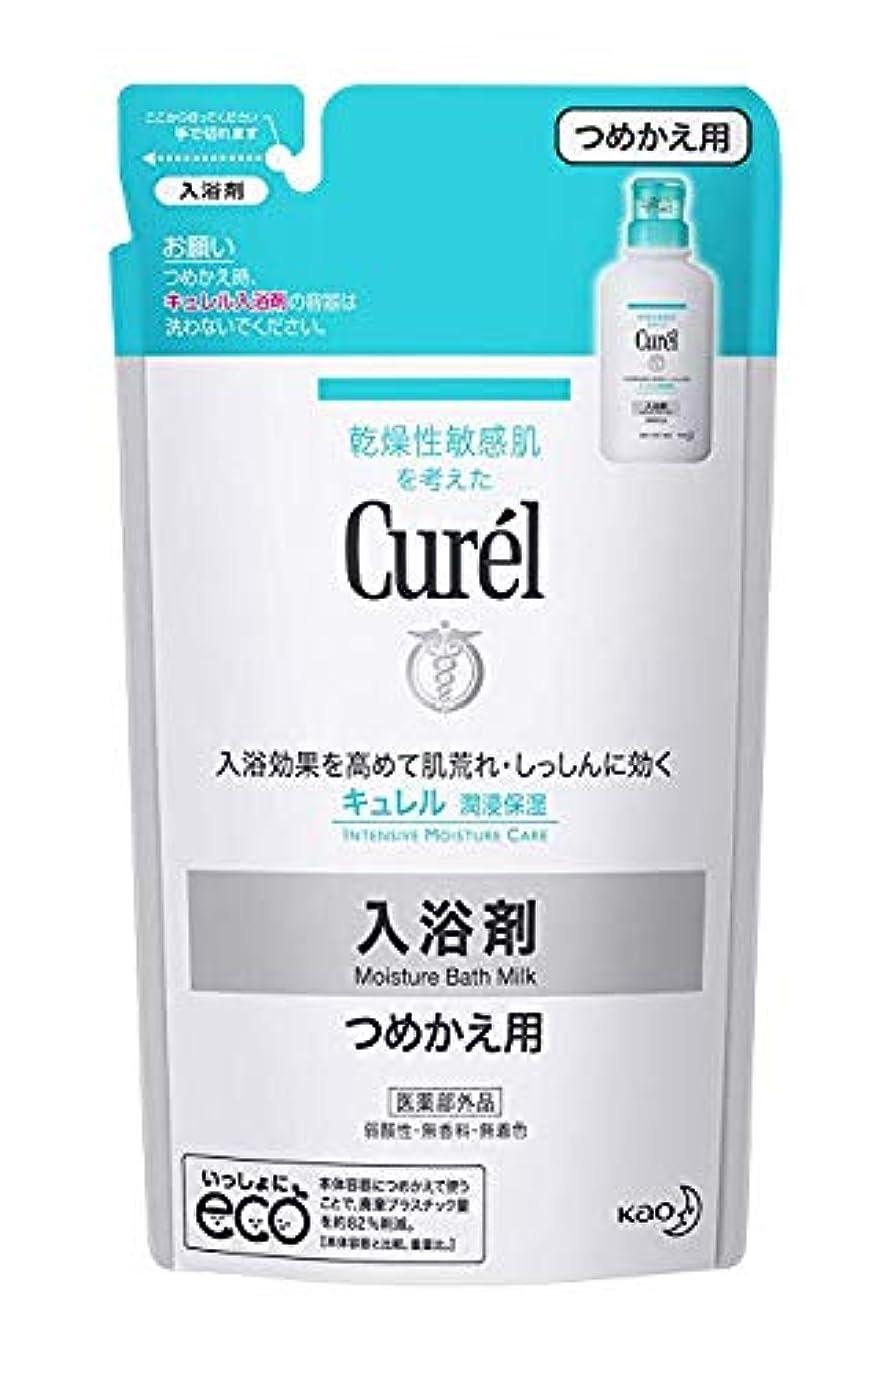 【花王】キュレル 入浴剤 つめかえ用 360ml ×10個セット